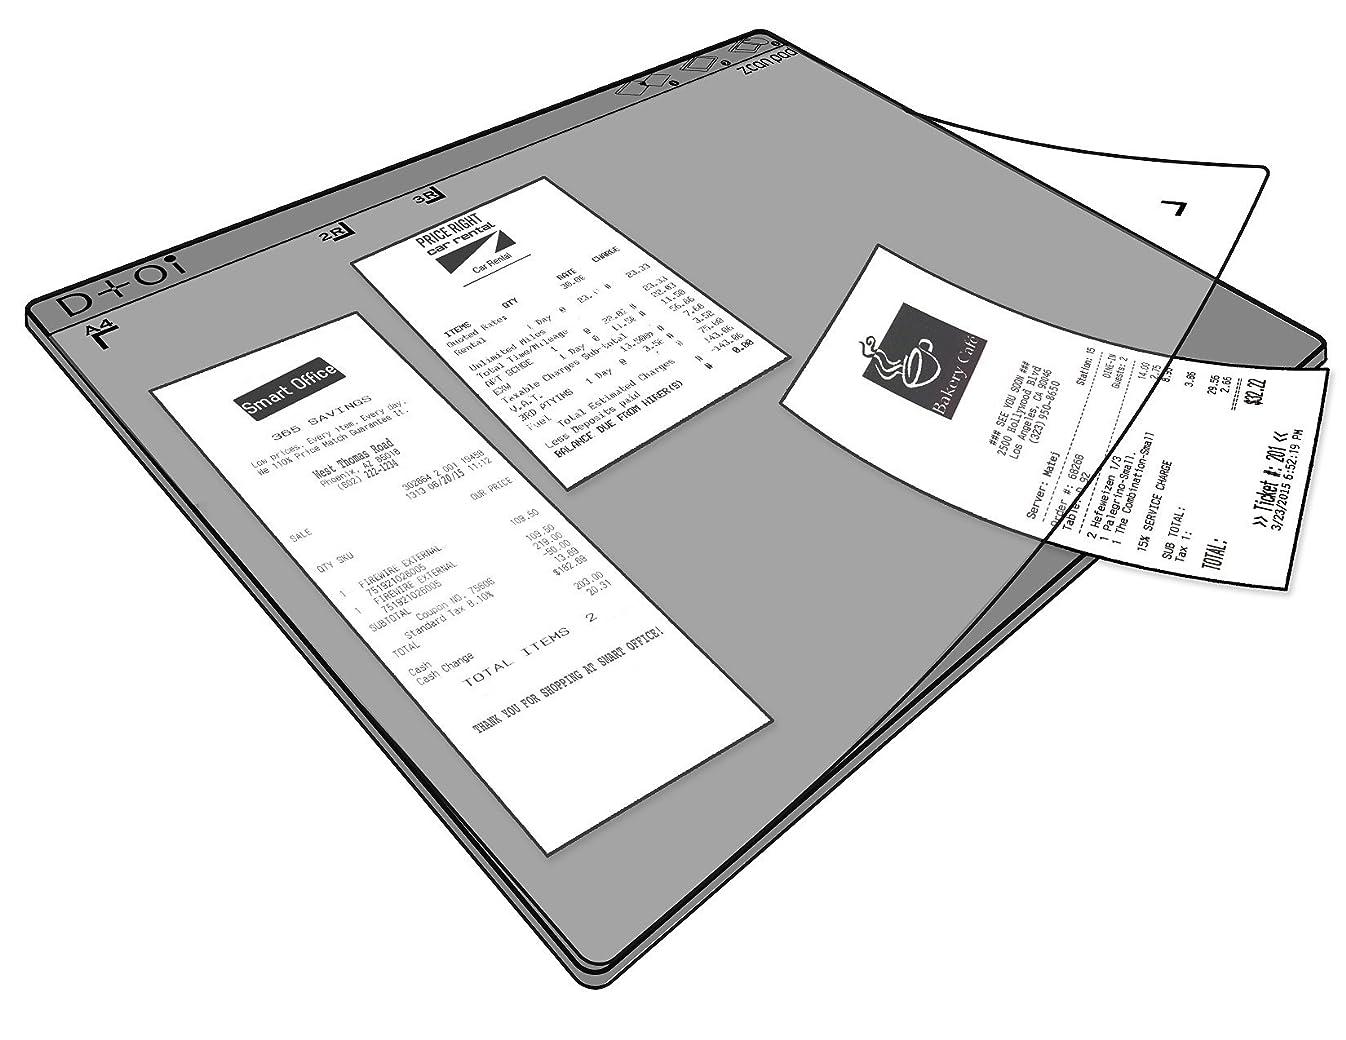 むき出し会員共産主義Zcan pad - A4 size scan pad / The prefect tool for Zcan scanner mouse